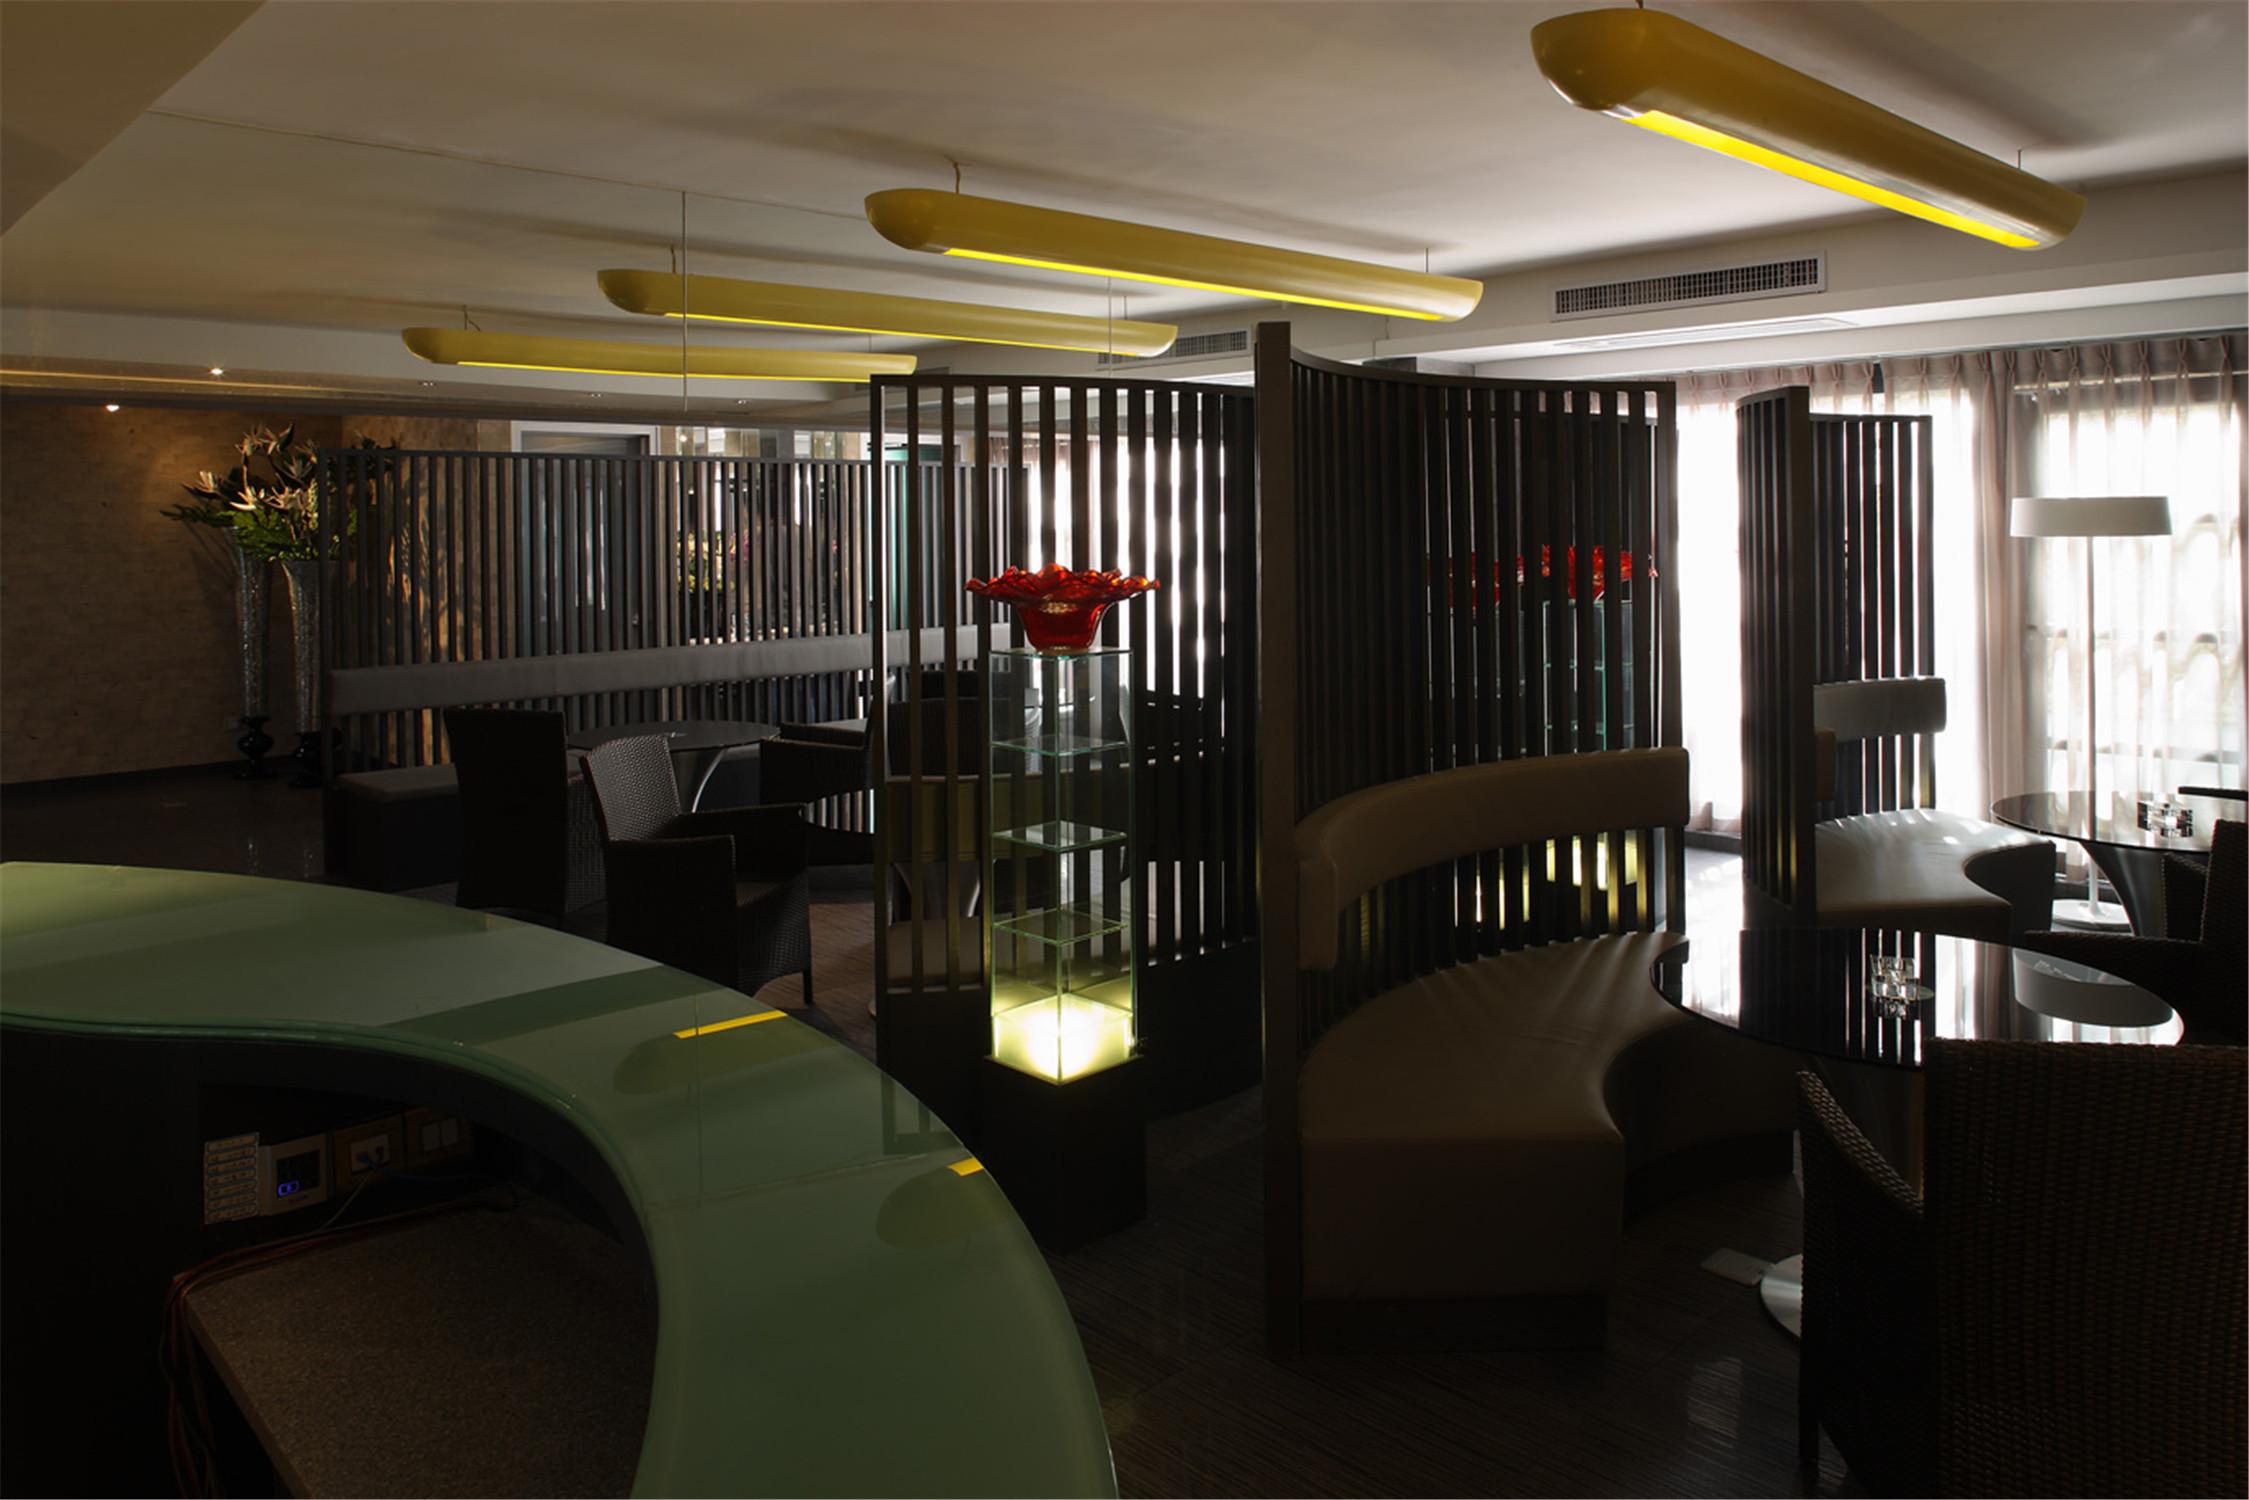 公寓式精品酒店装修餐厅设计图